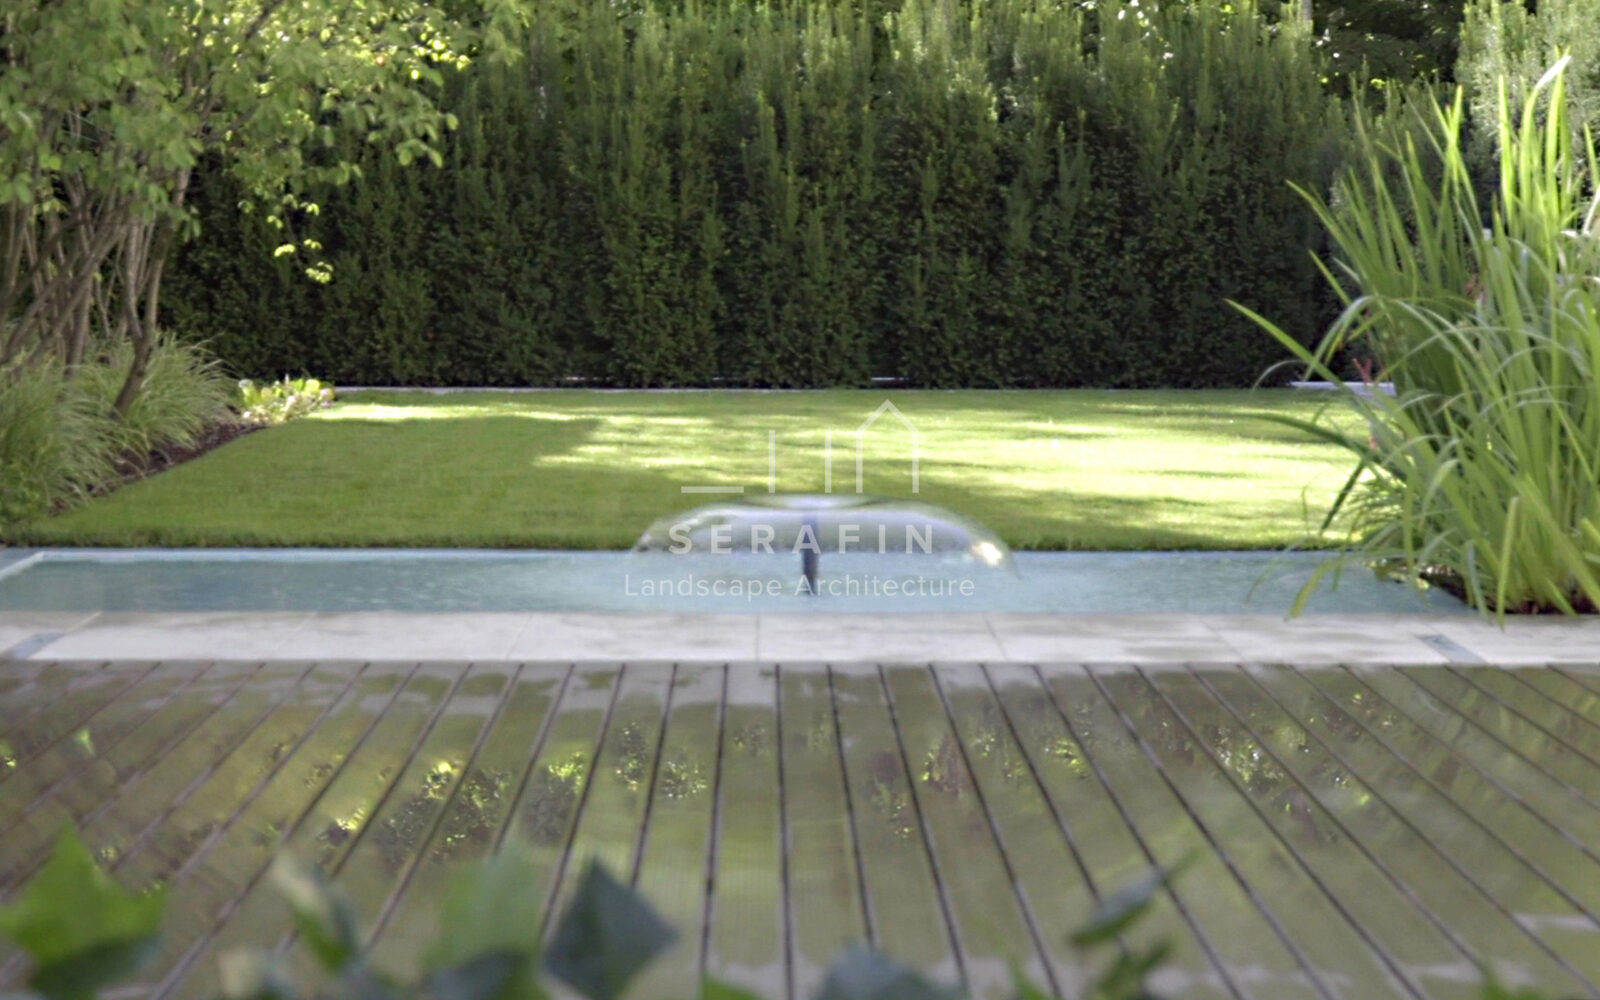 Giardino formale in provincia di treviso simone serafin - Progetto piccolo giardino ...